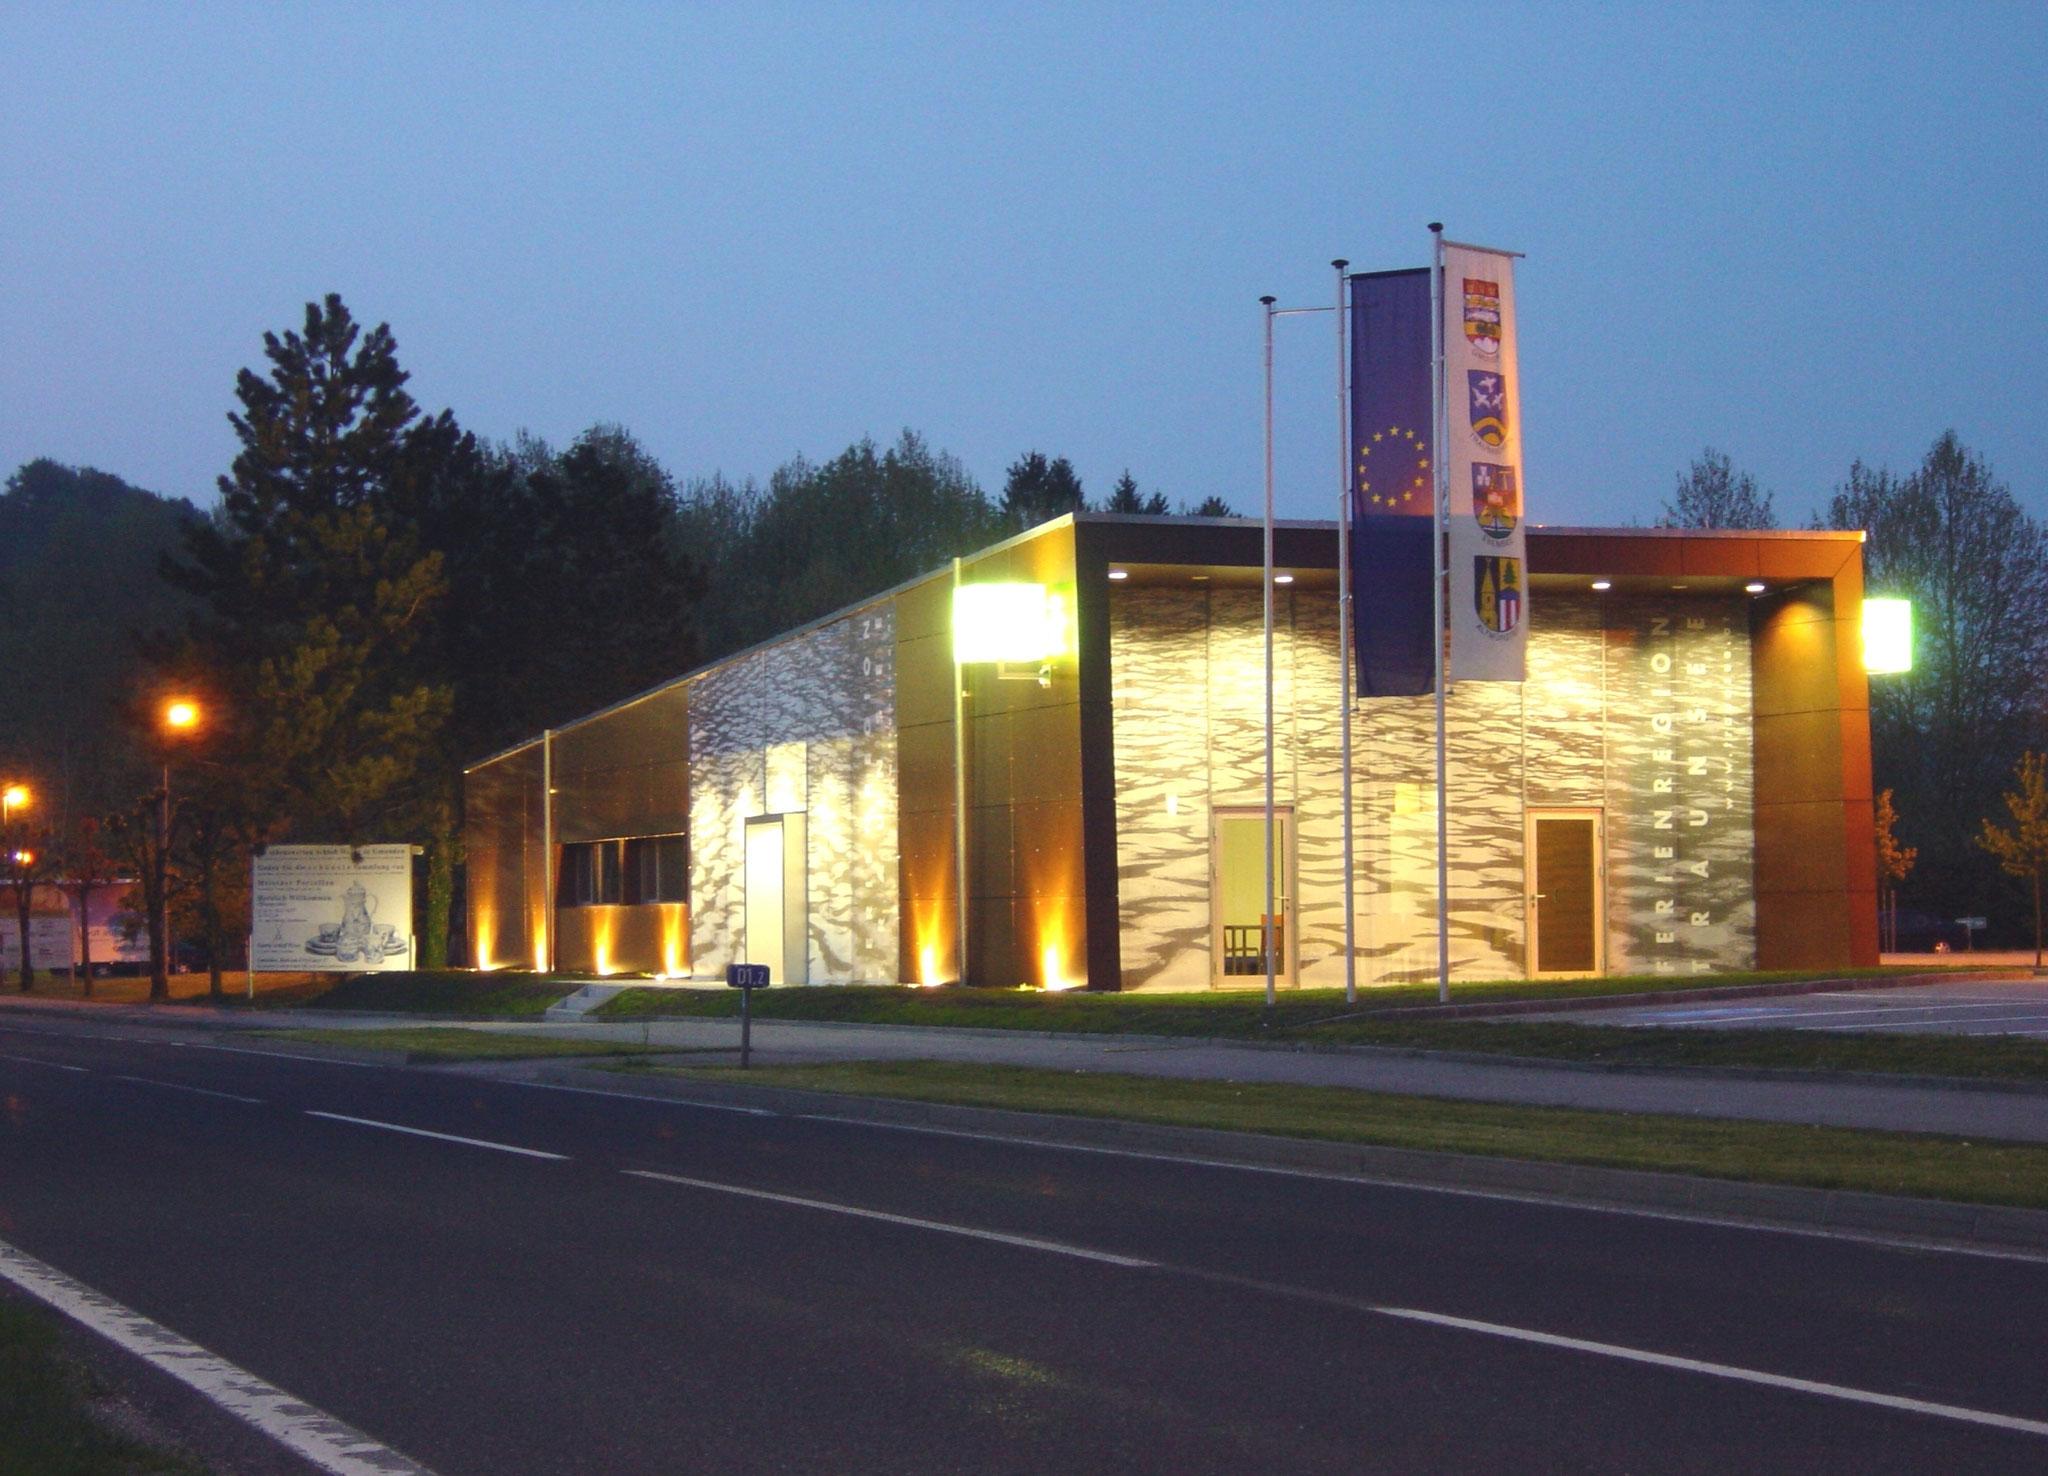 Tourismuspavillon Gmunden